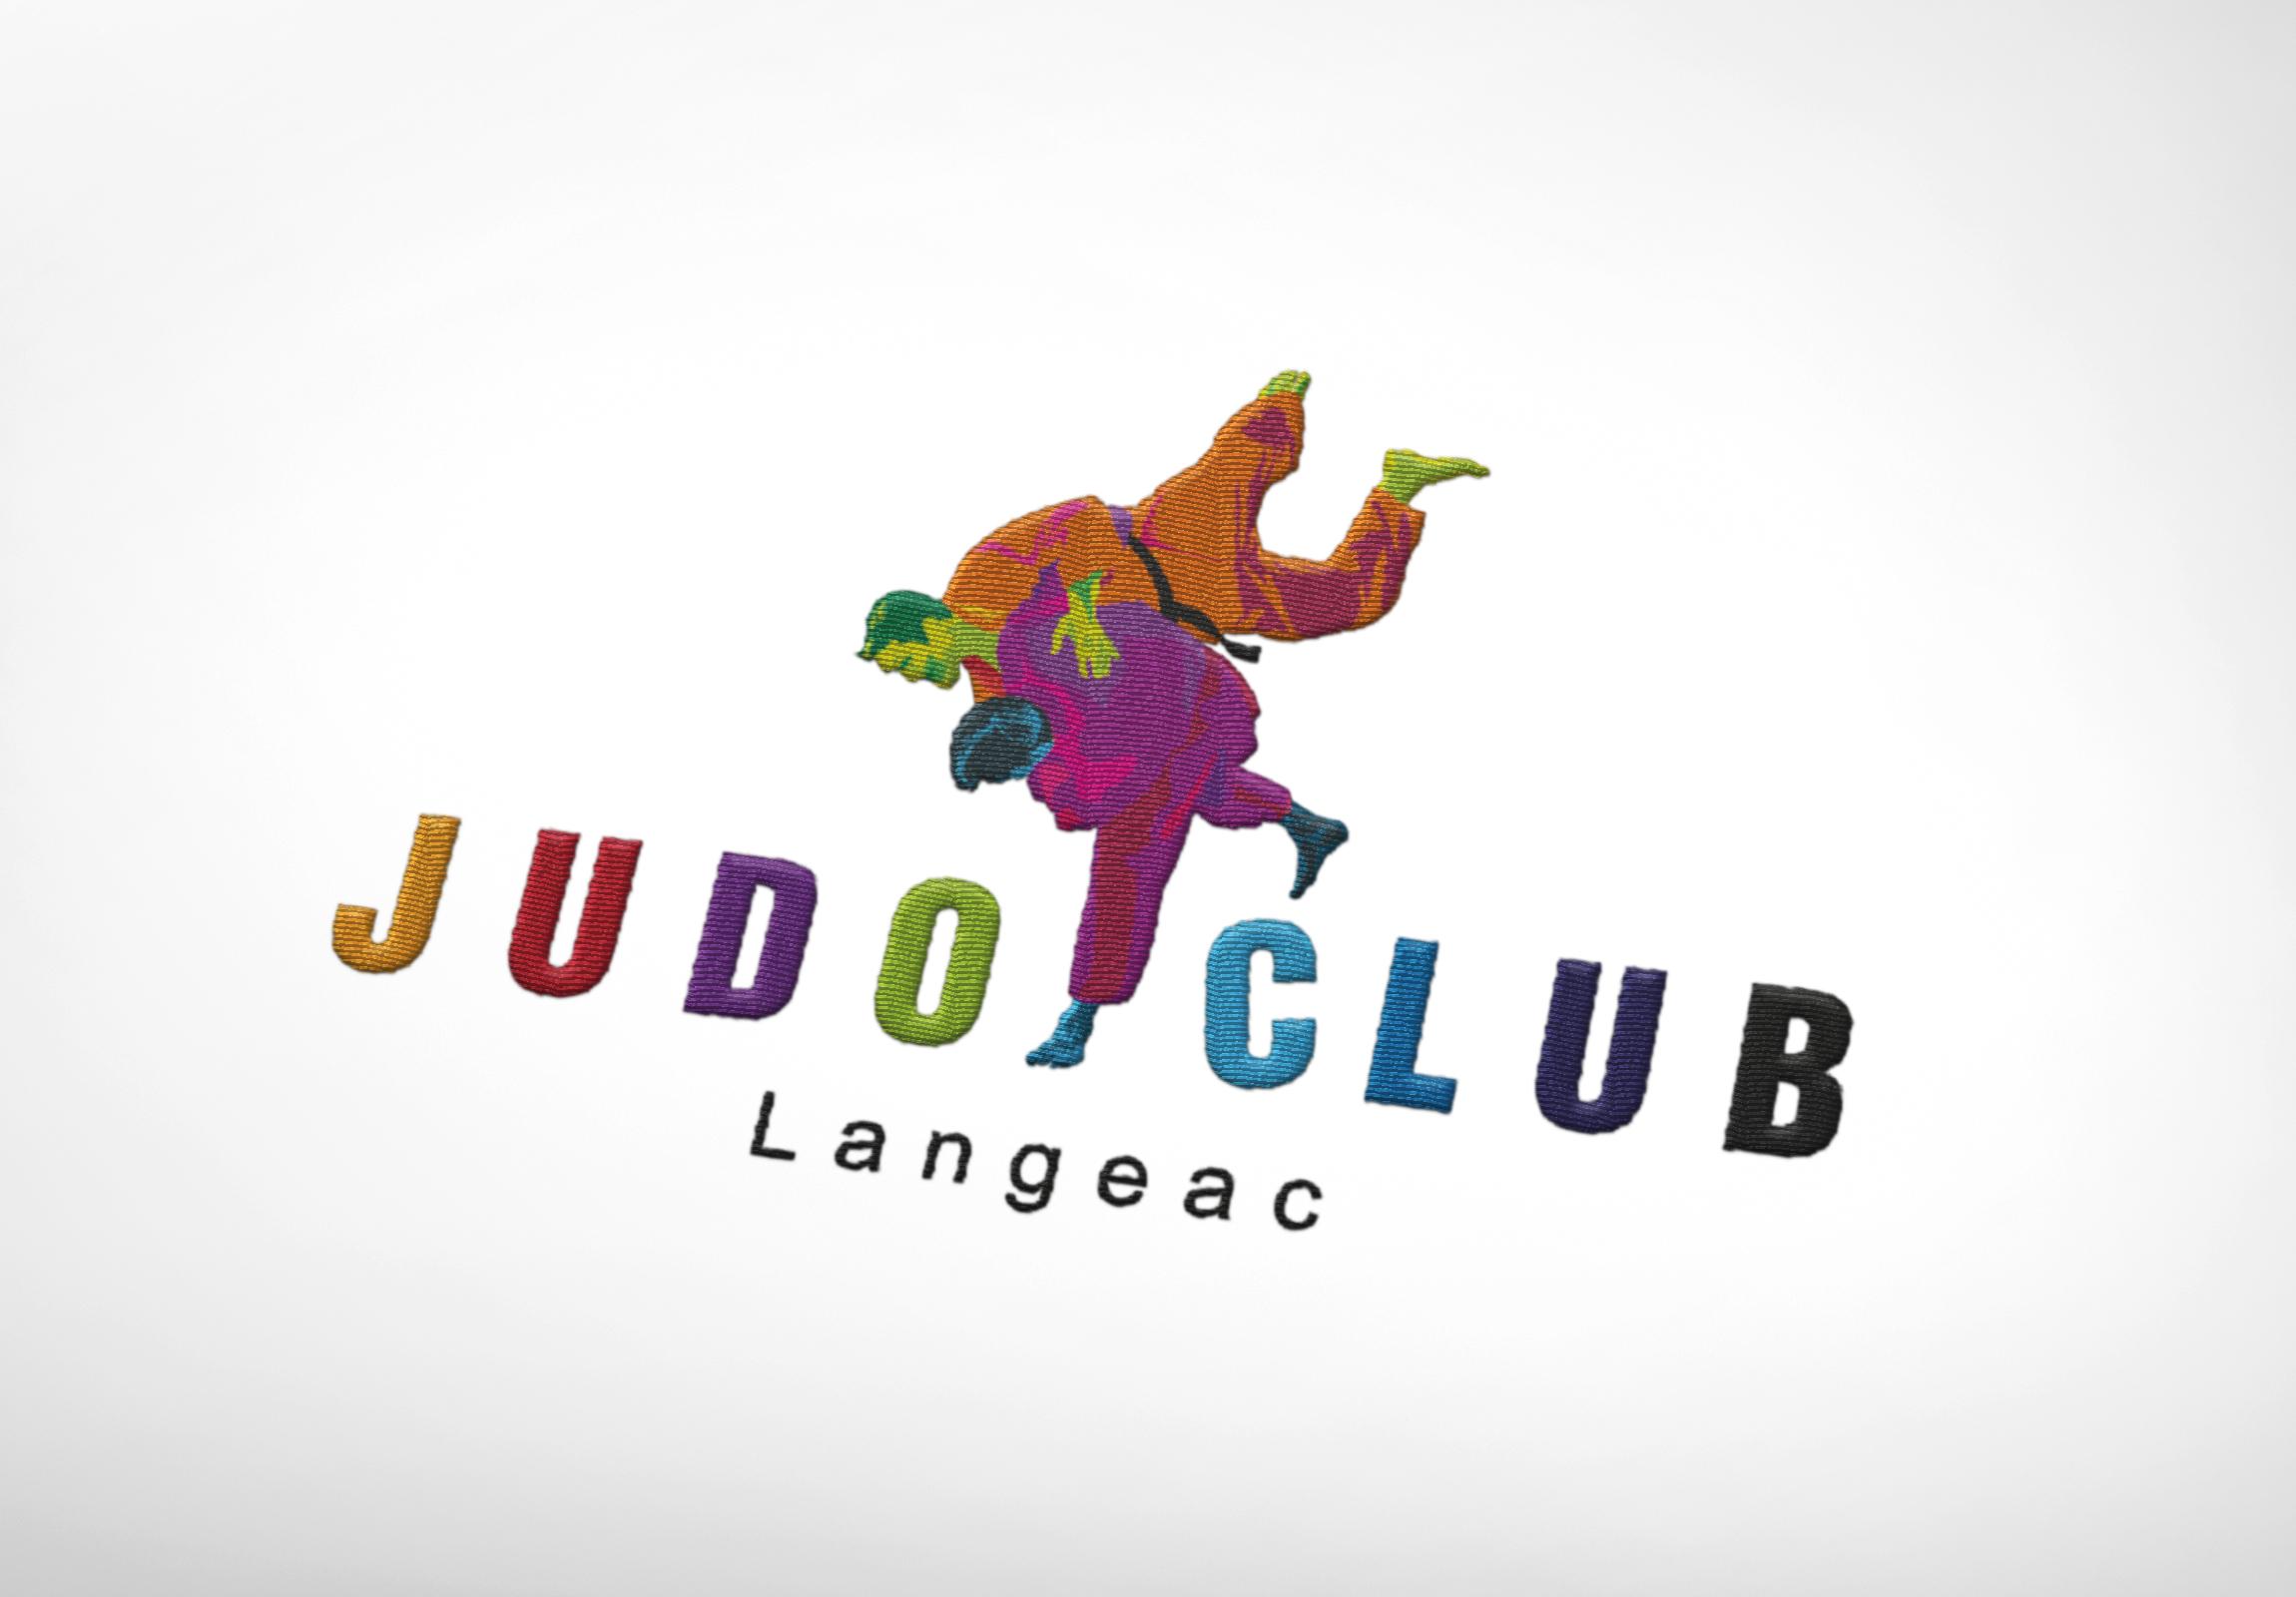 Logotype Judo Club Langeac brodé